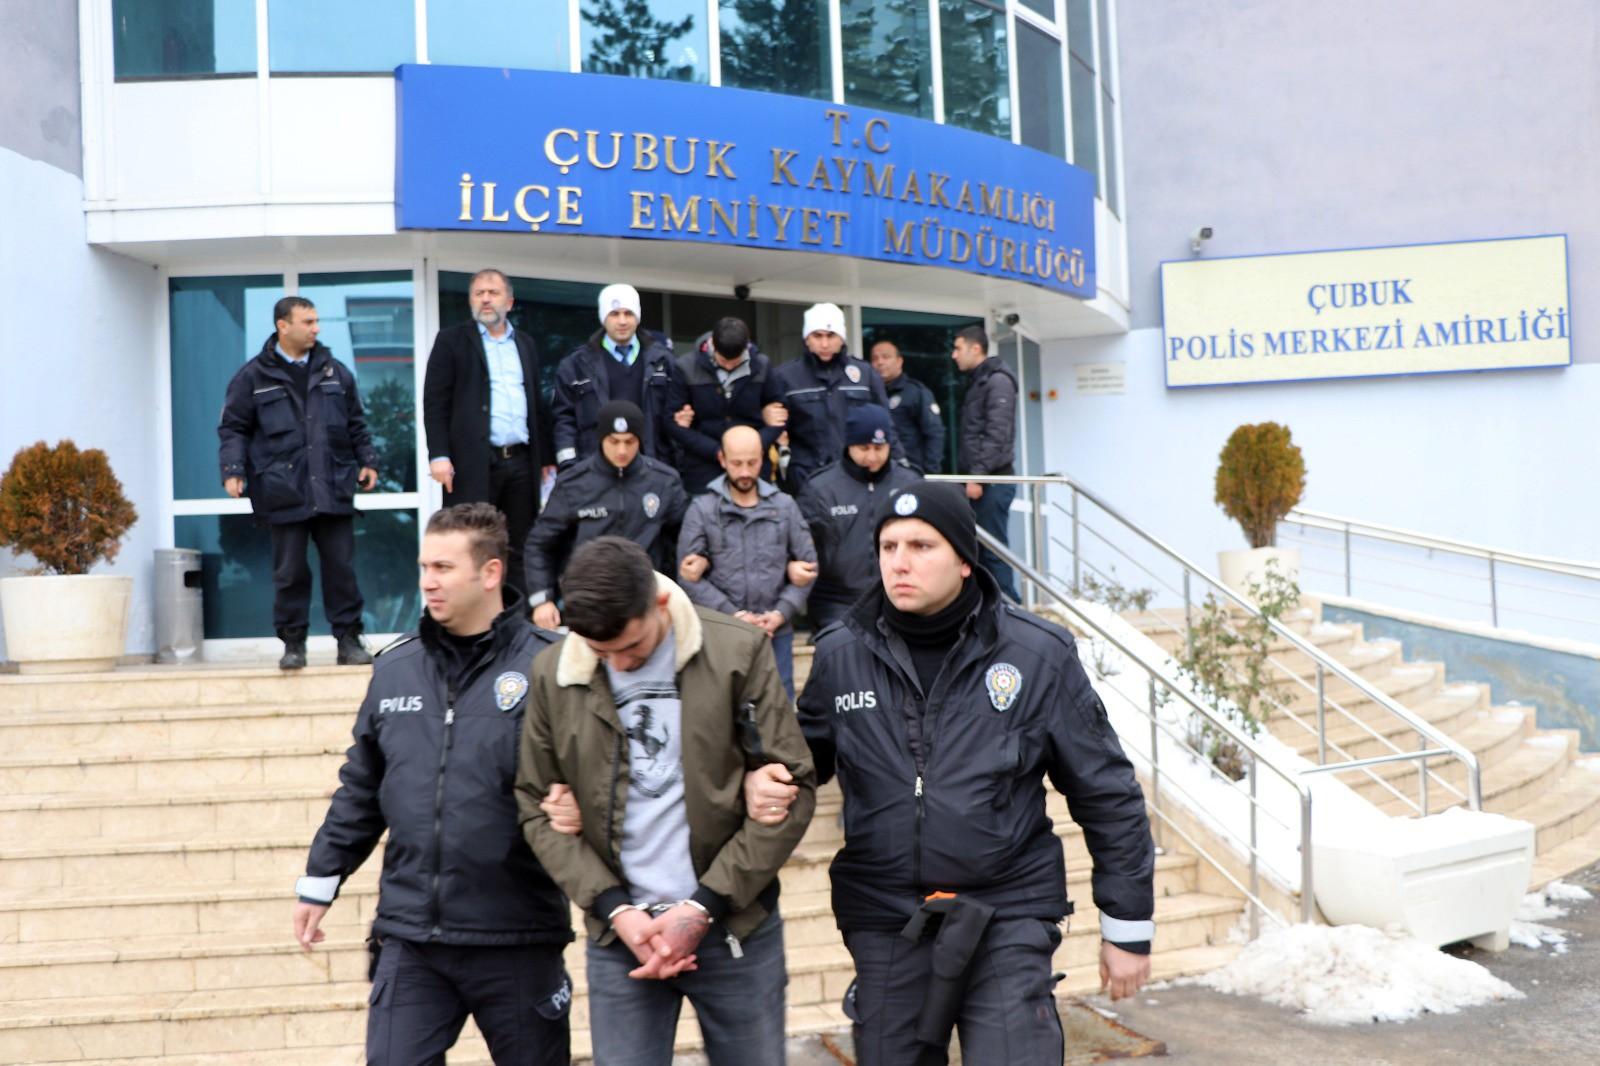 Ankara'da uyuşturucu tacirlerine darbe: 20 gözaltı